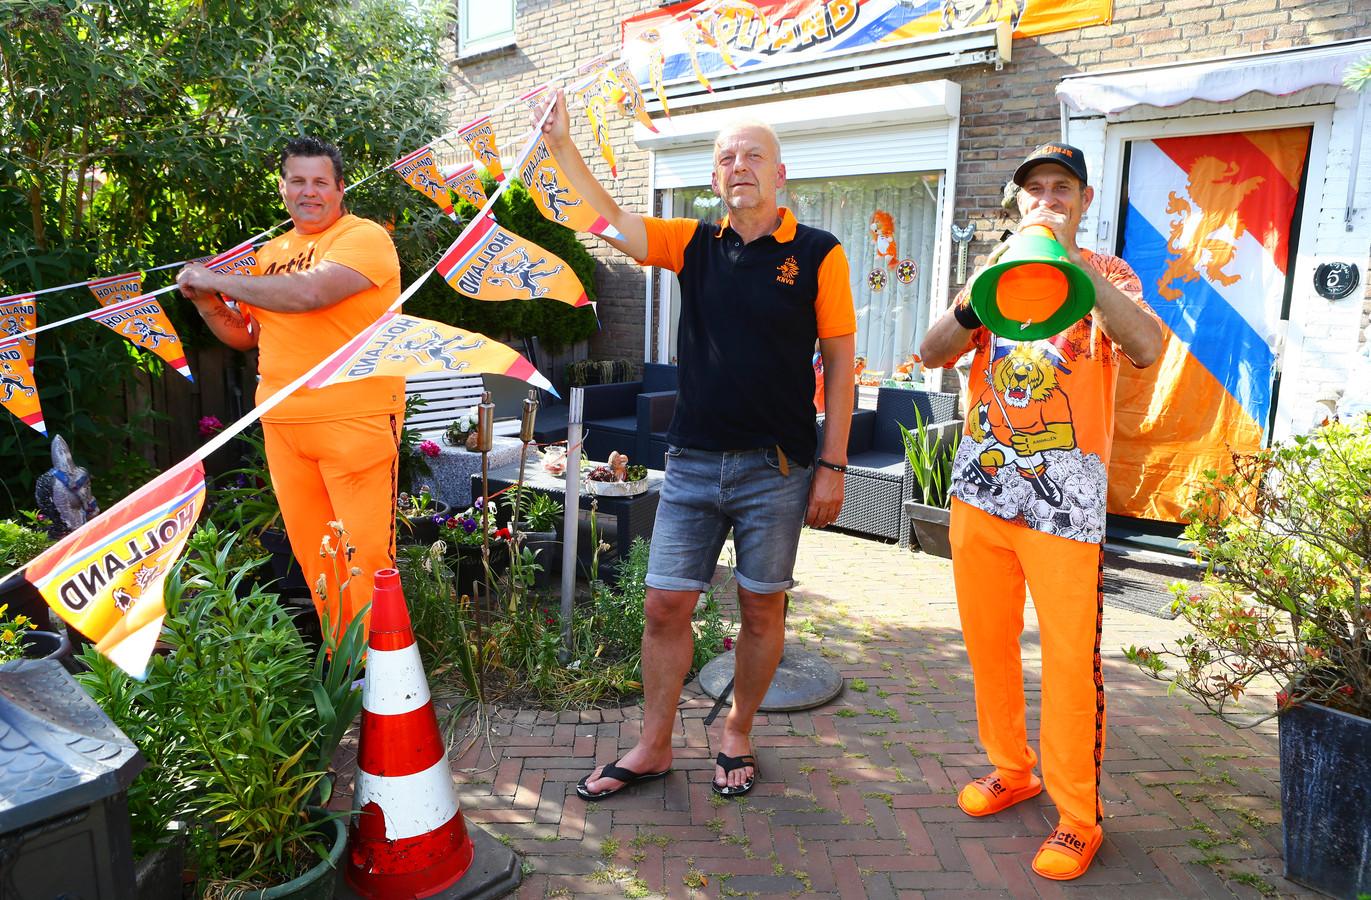 Dit is nog niks: Wim van Doesburg (rechts) gaat zijn huis aan de J.C Pieckstraat in Werkendam zaterdag nog verder versieren. Ook Henri van den Heuvel (links) en Hans Stout doen enthousiast mee.